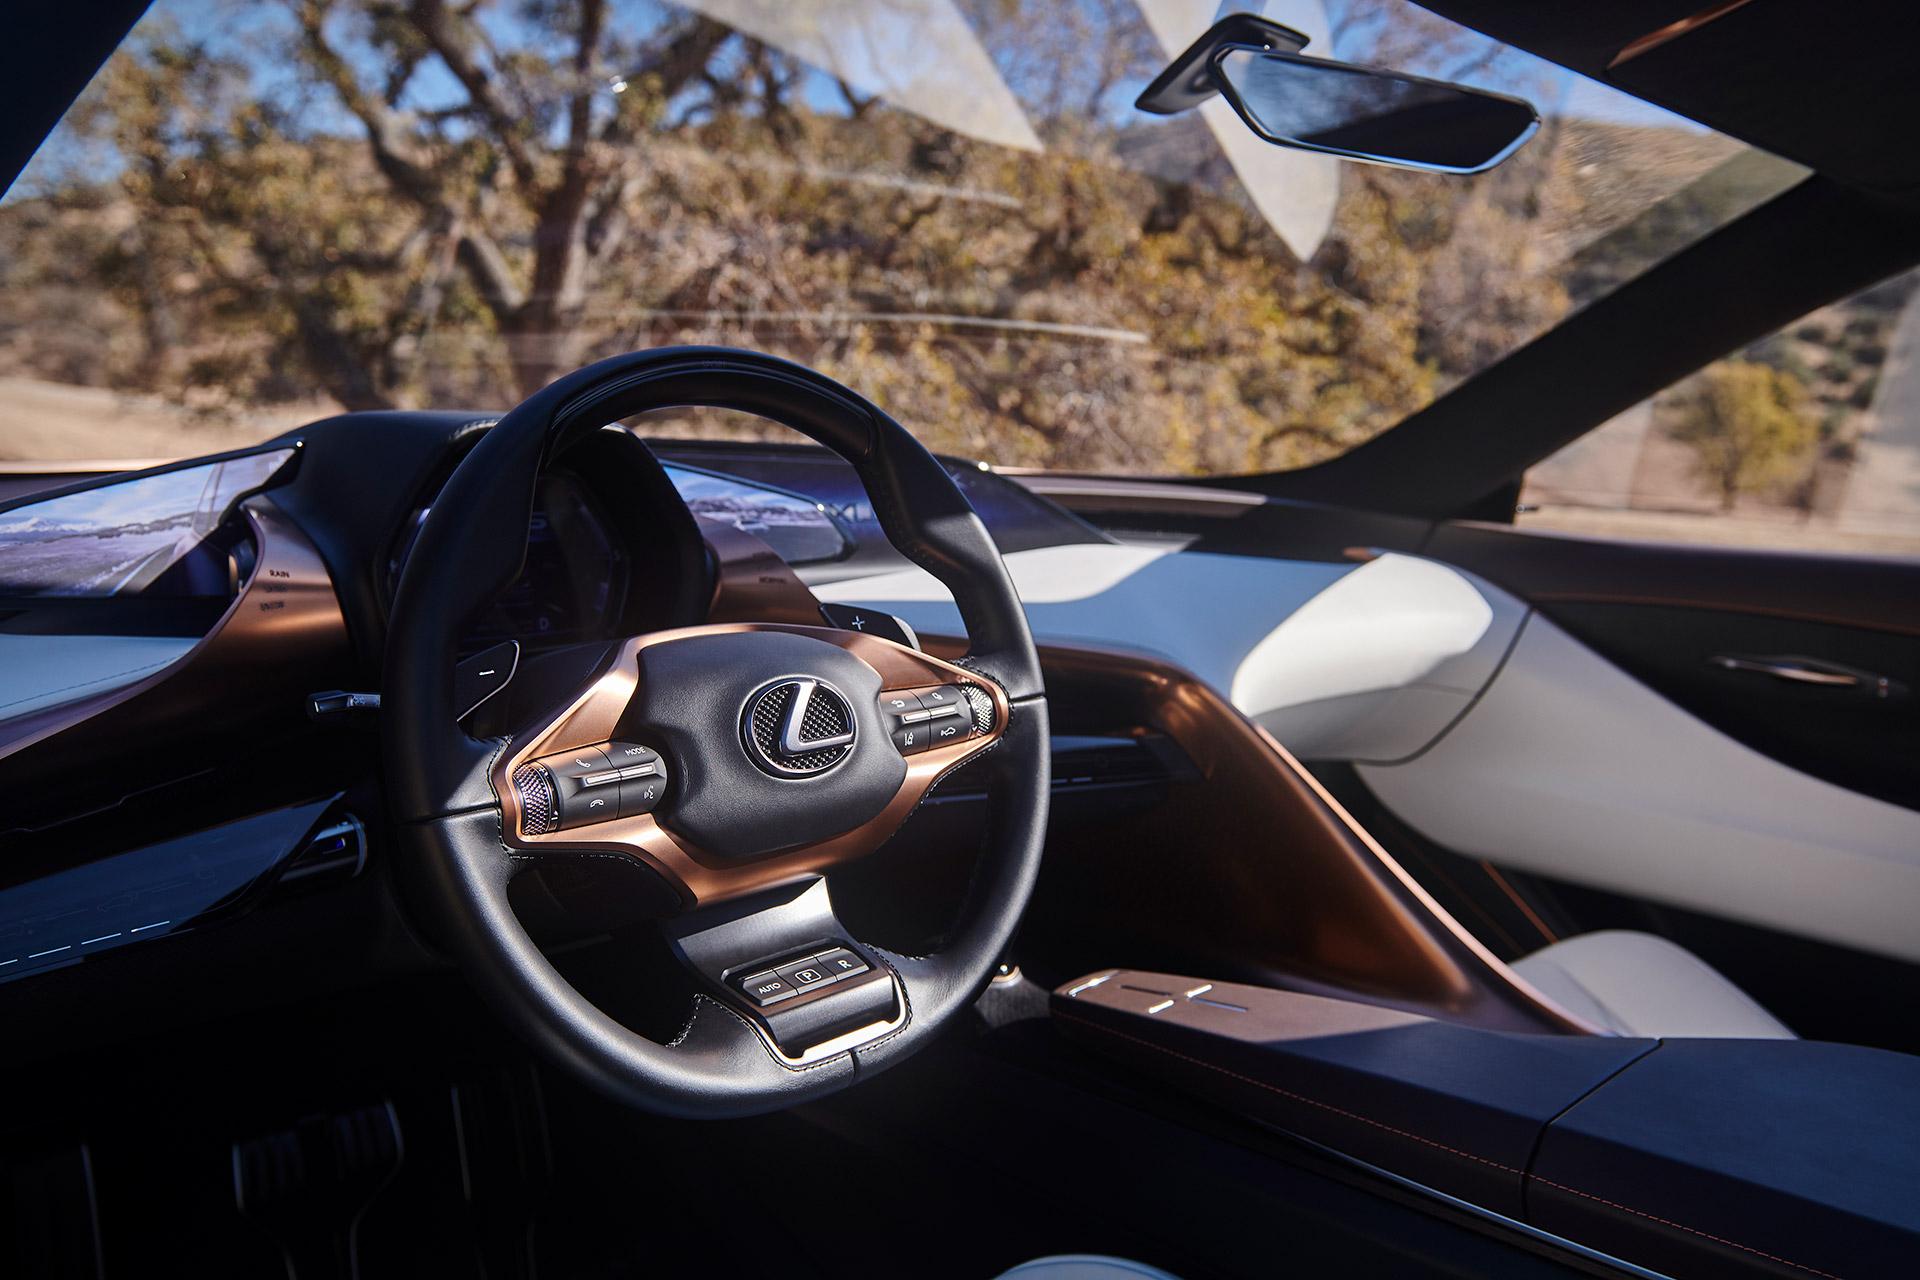 Lexus-limitless-2.jpg